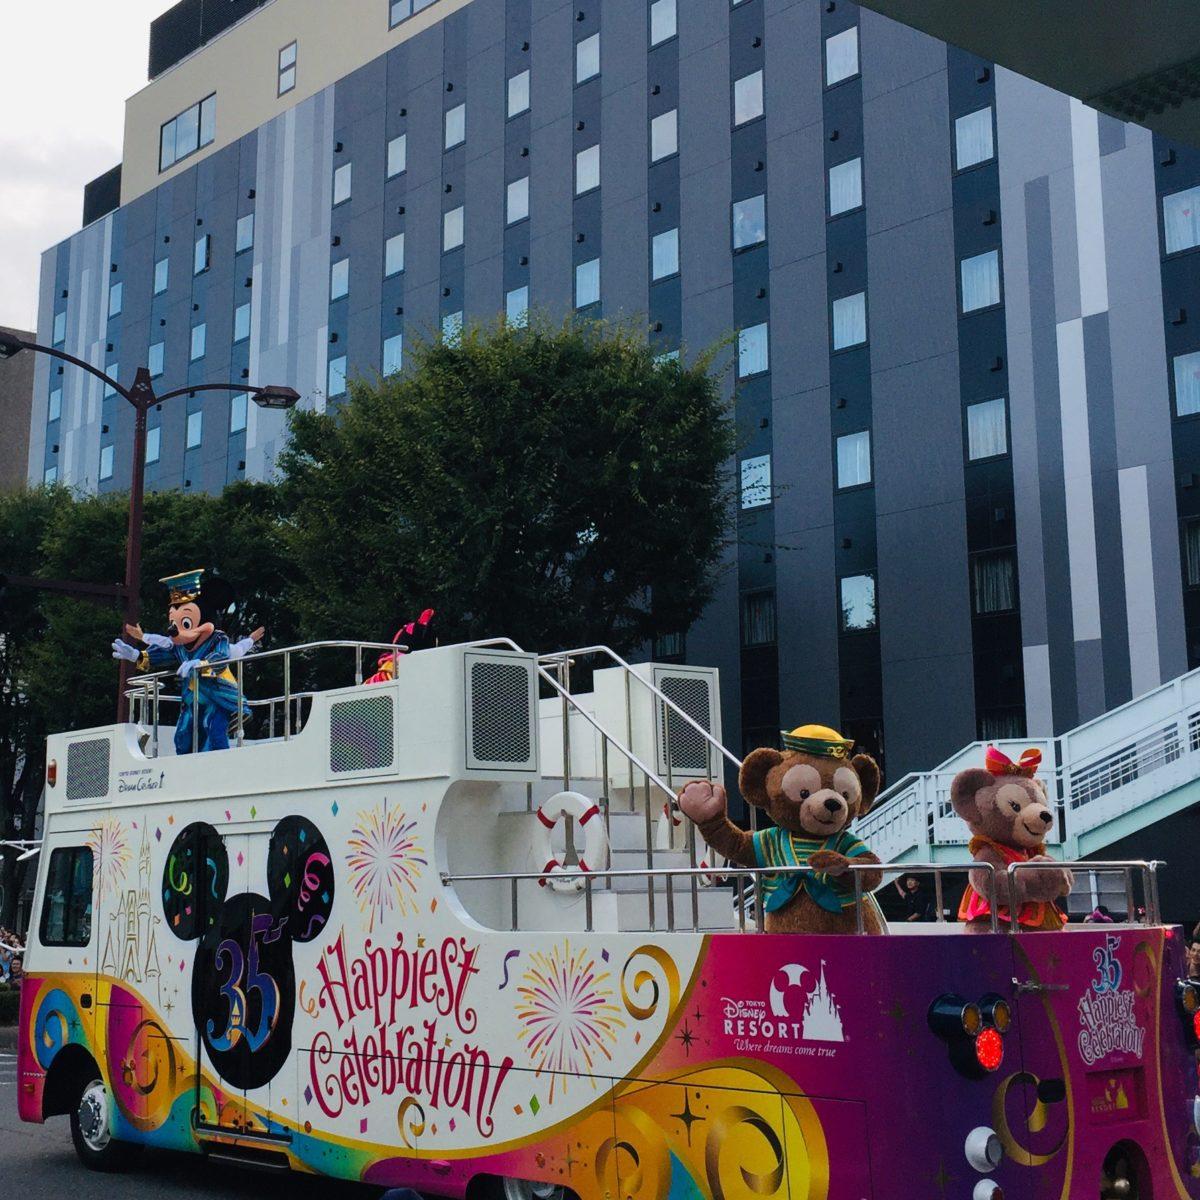 甲府市で開かれた東京ディズニーリゾート35周年スペシャルパレード